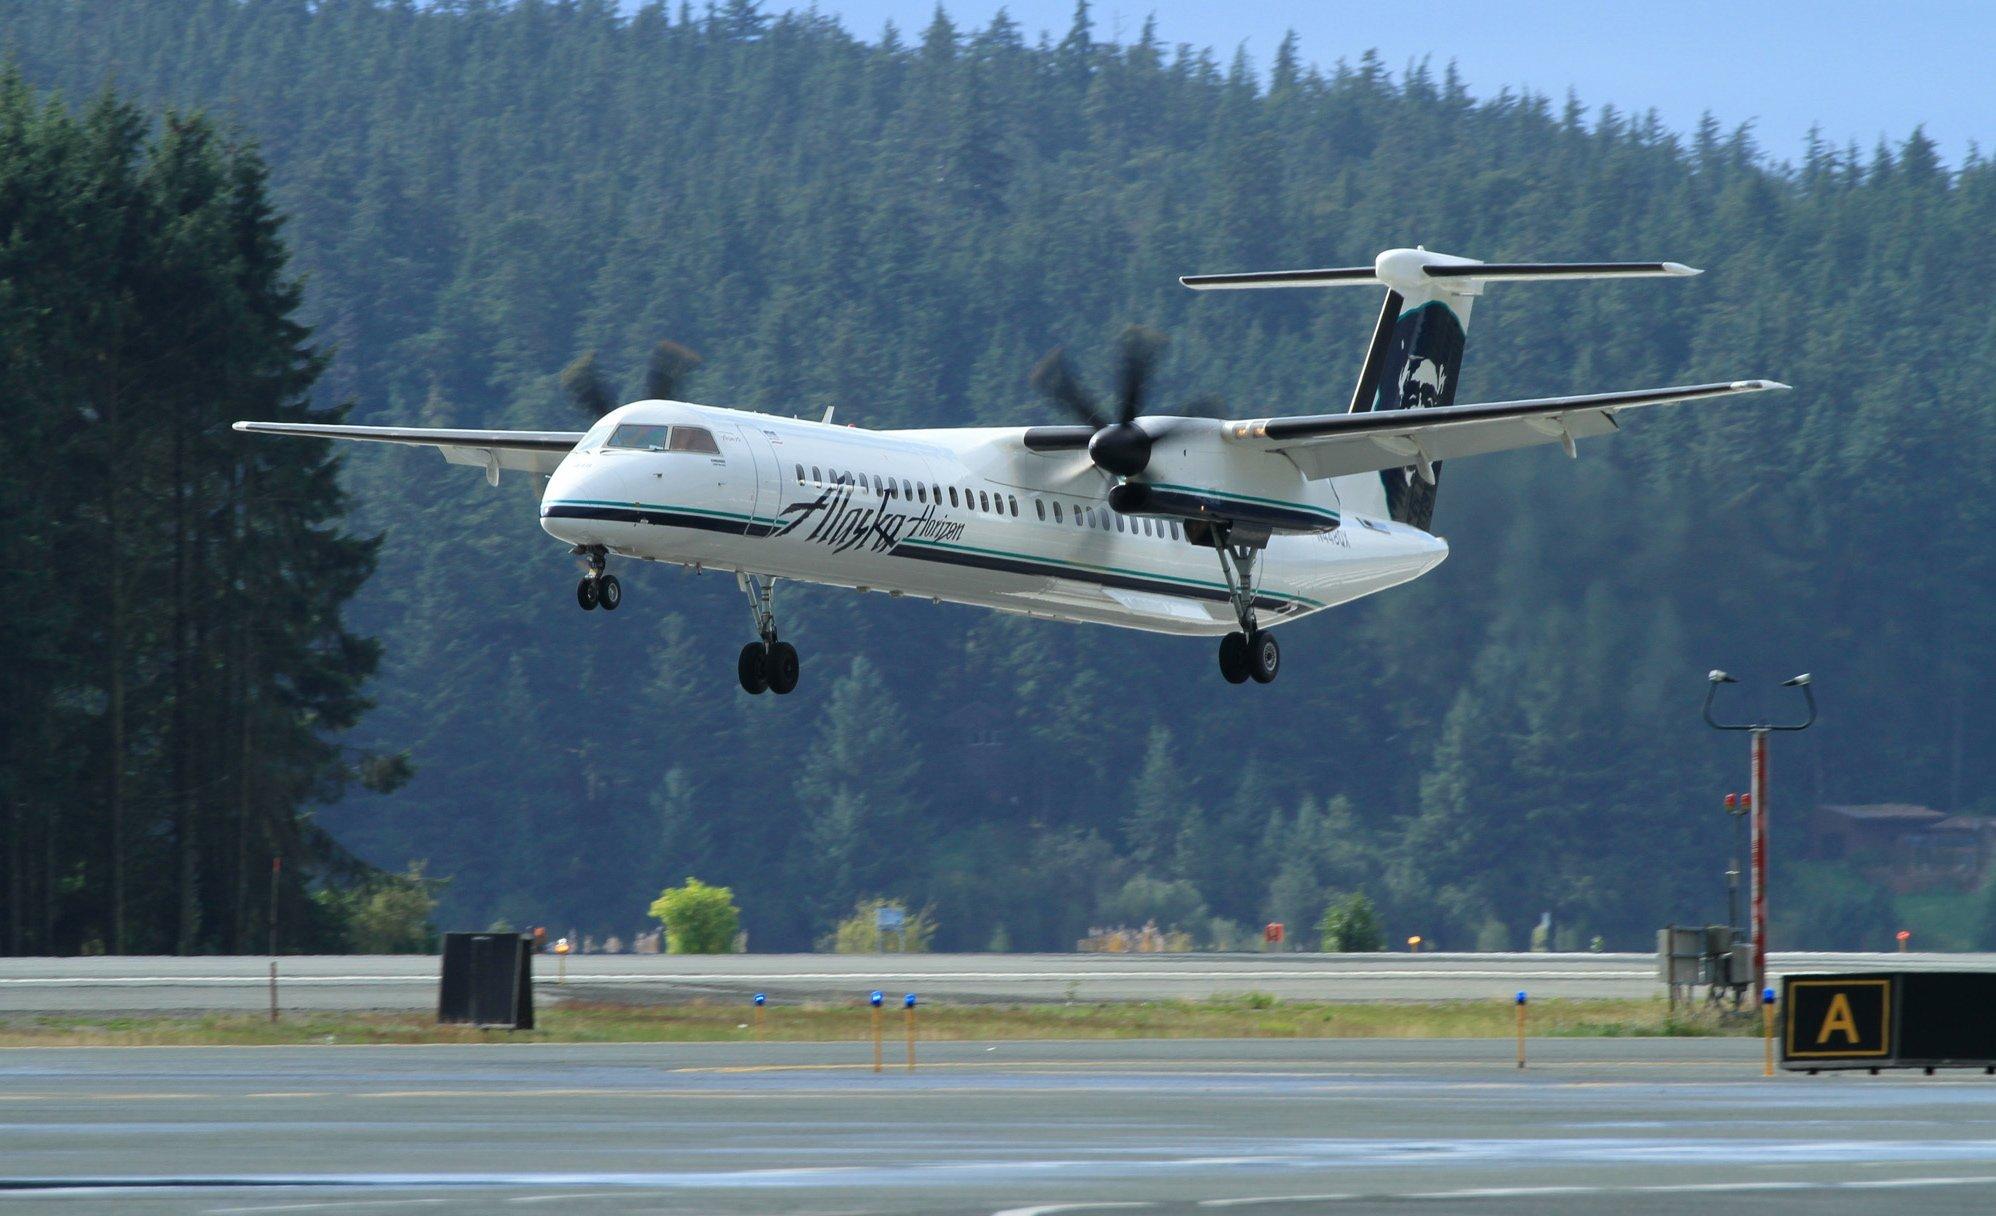 Механик угнал самолет и почти сразу же разбился